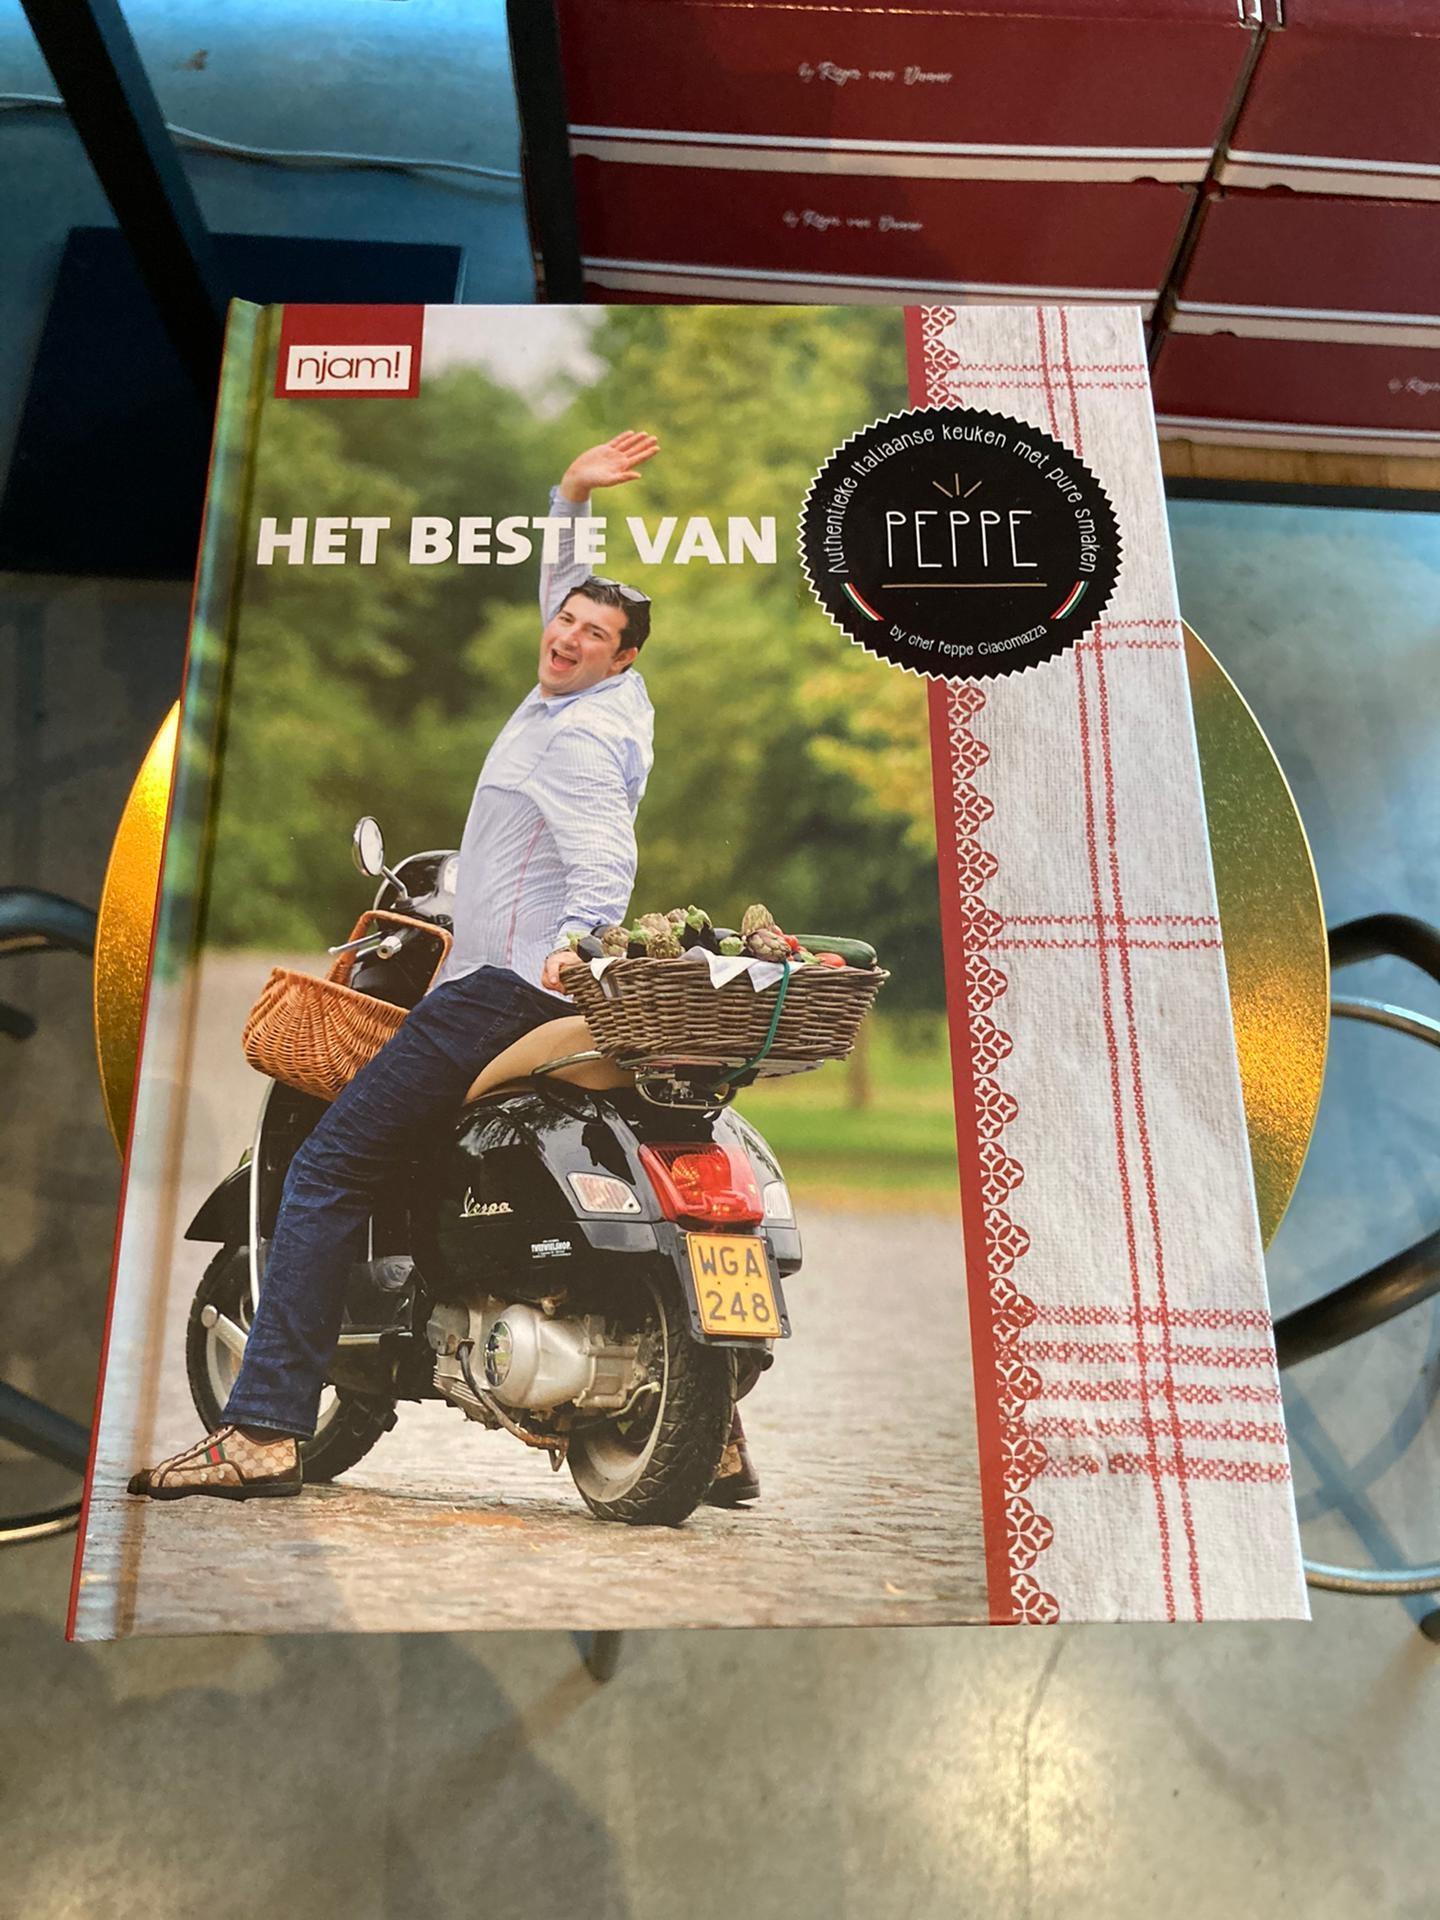 Peppe's Kookboek: Het beste van Peppe